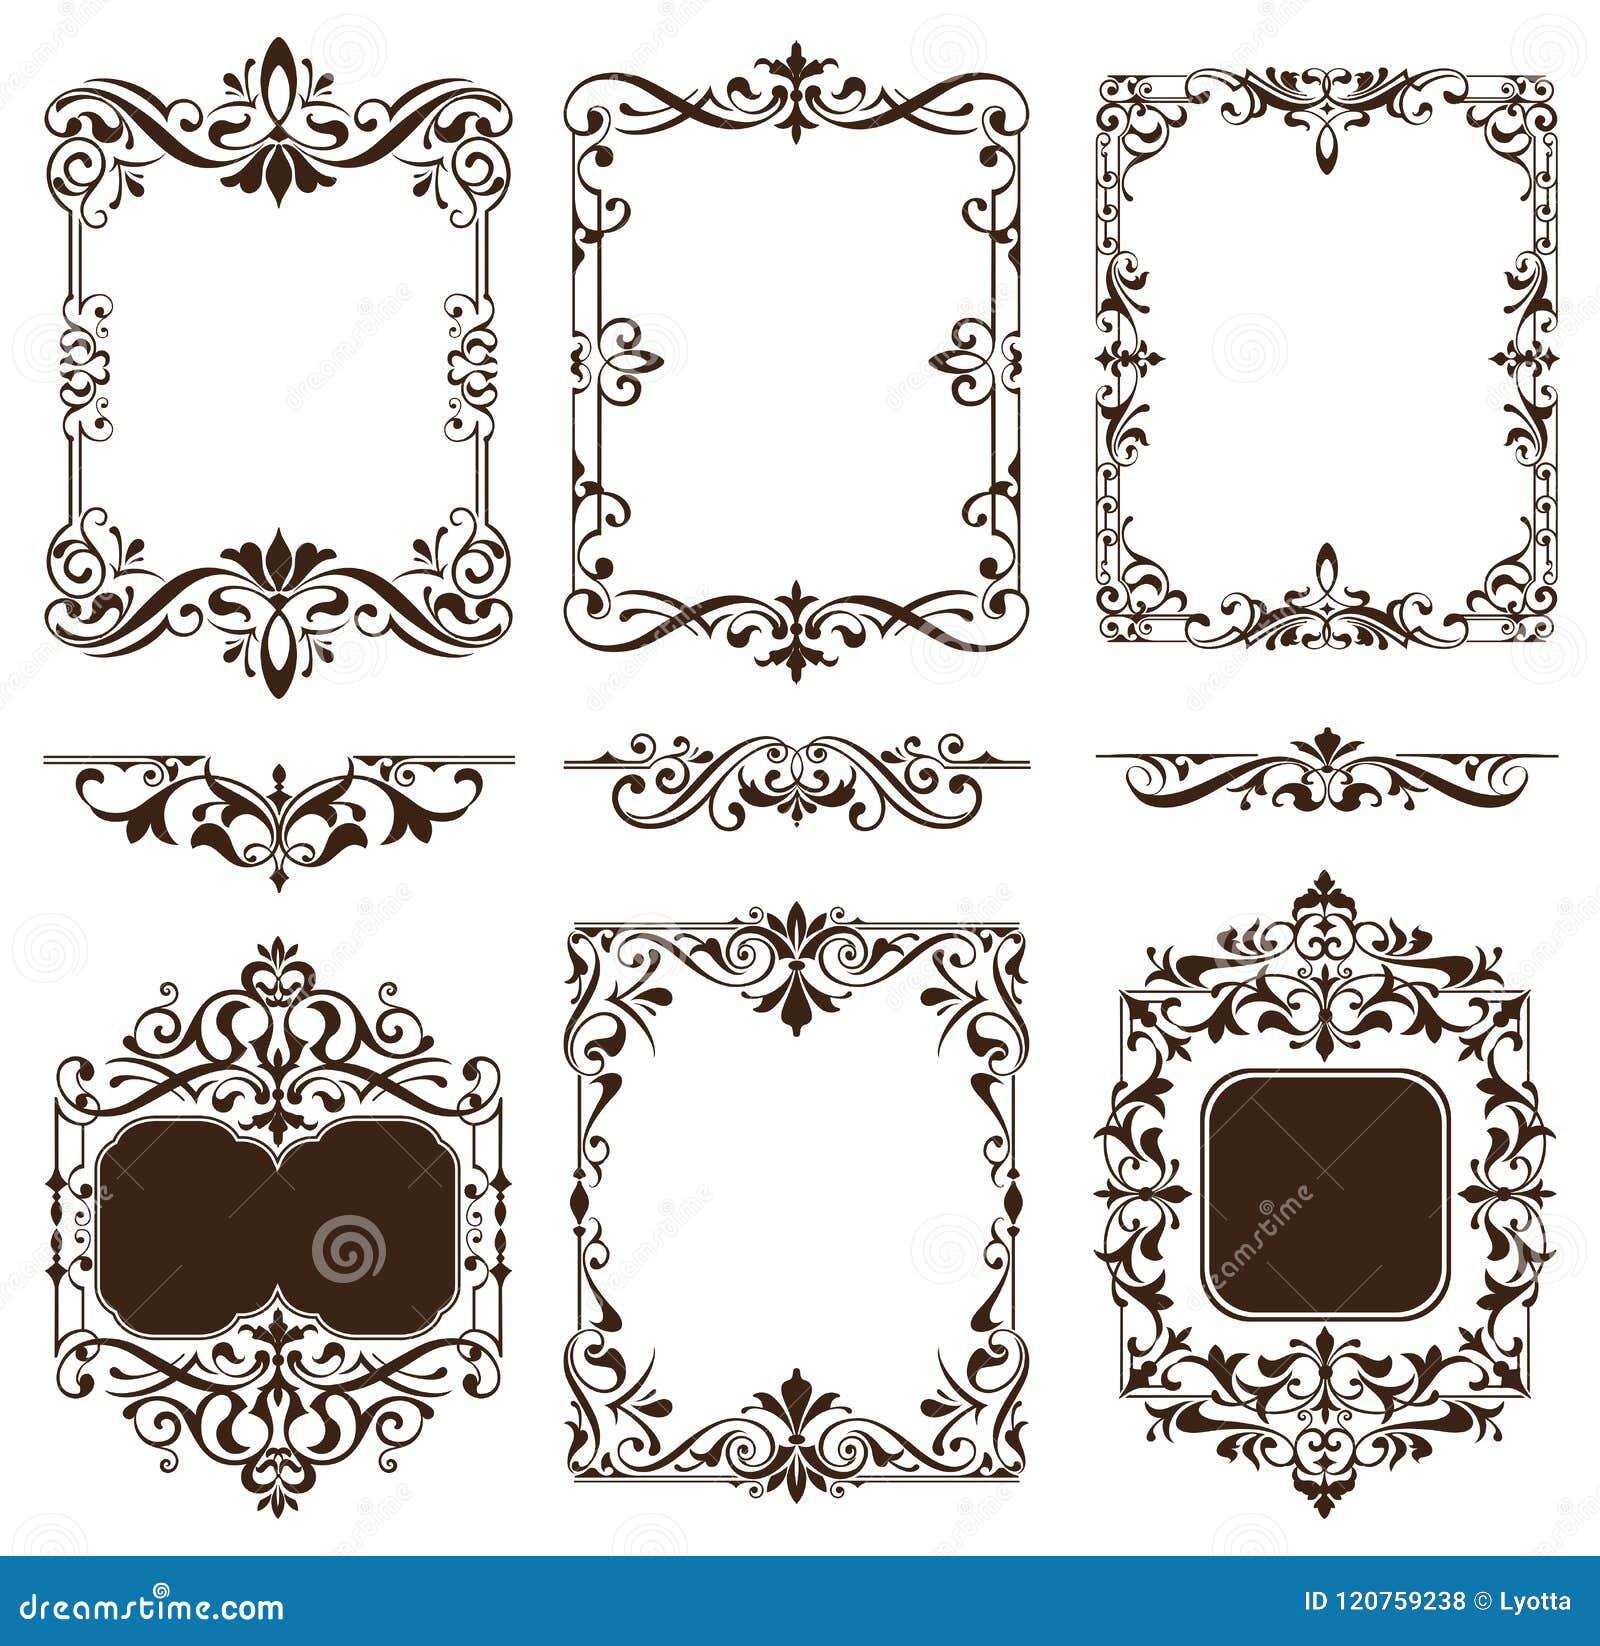 Uitstekende van het van de achtergrond elementen bloementierelantijntjes van het ornamentenontwerp witte de hoekenstickers randen